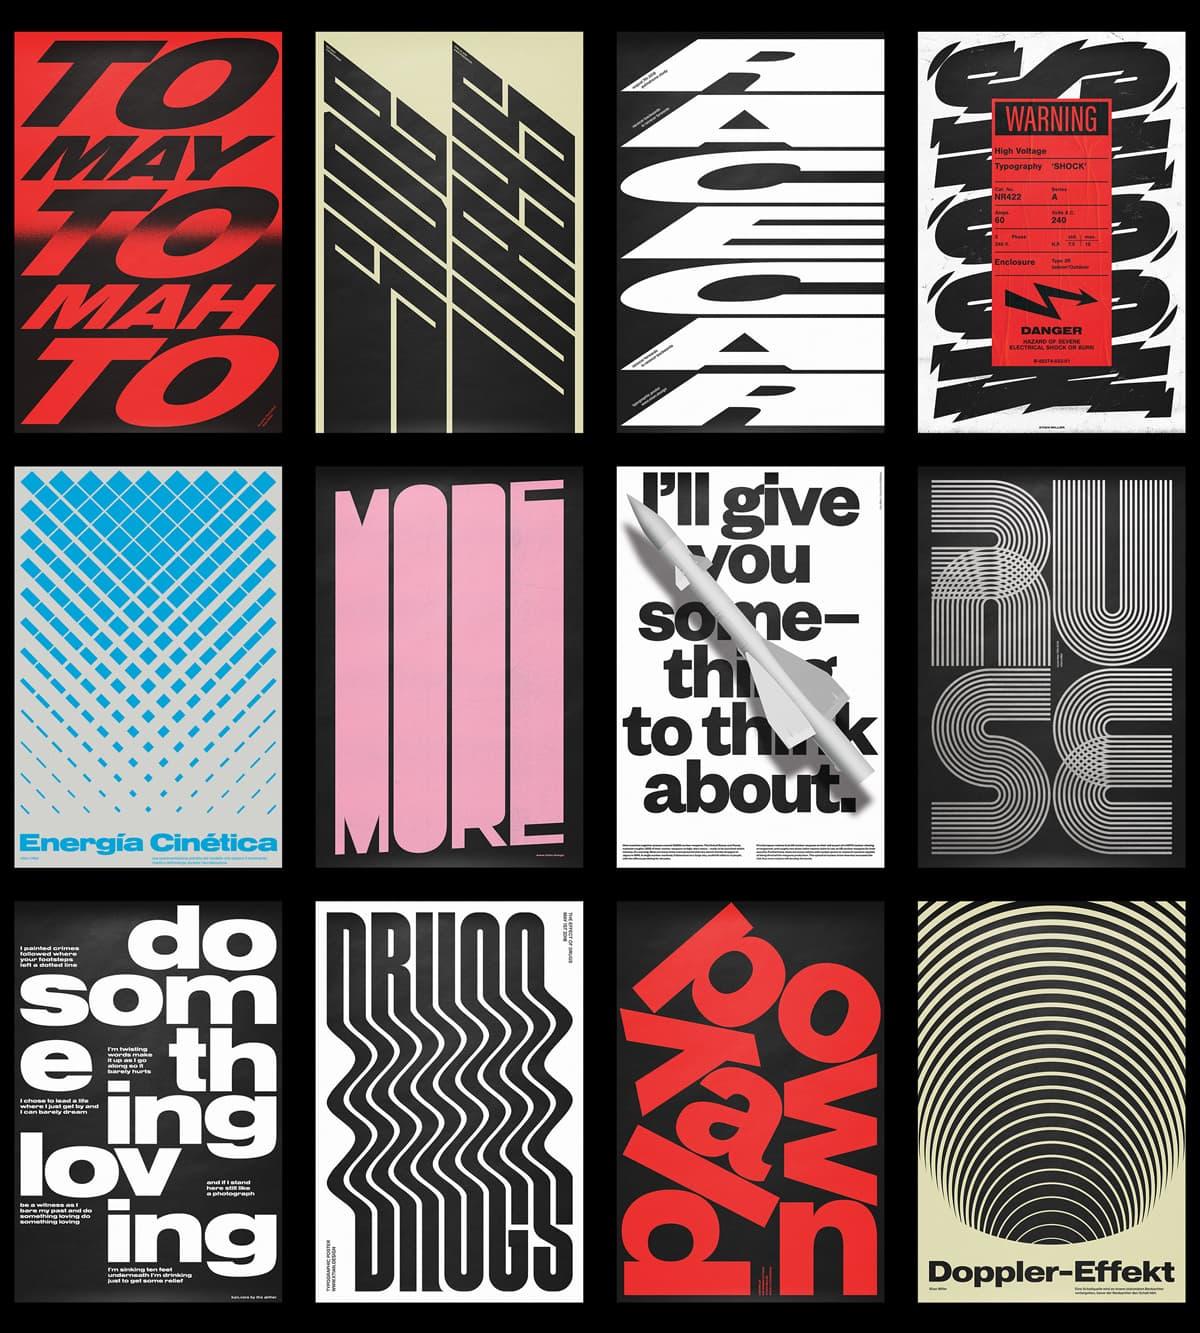 Las 8 tendencias de diseño gráfico que han triunfado este 2020: distorsión